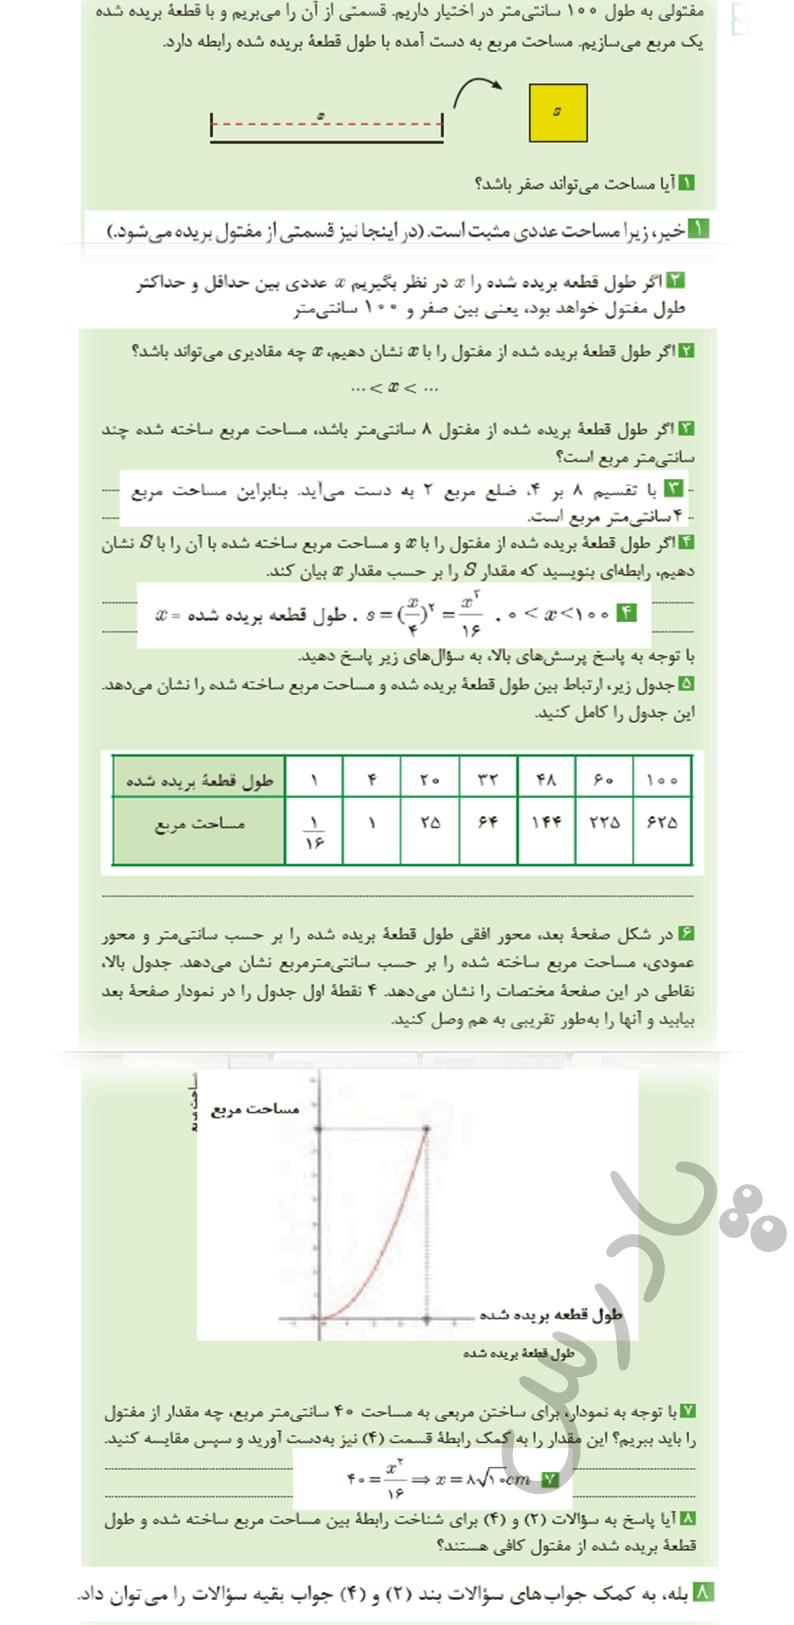 جواب کاردرکلاس صفحه 7 ریاضی یازدهم فنی